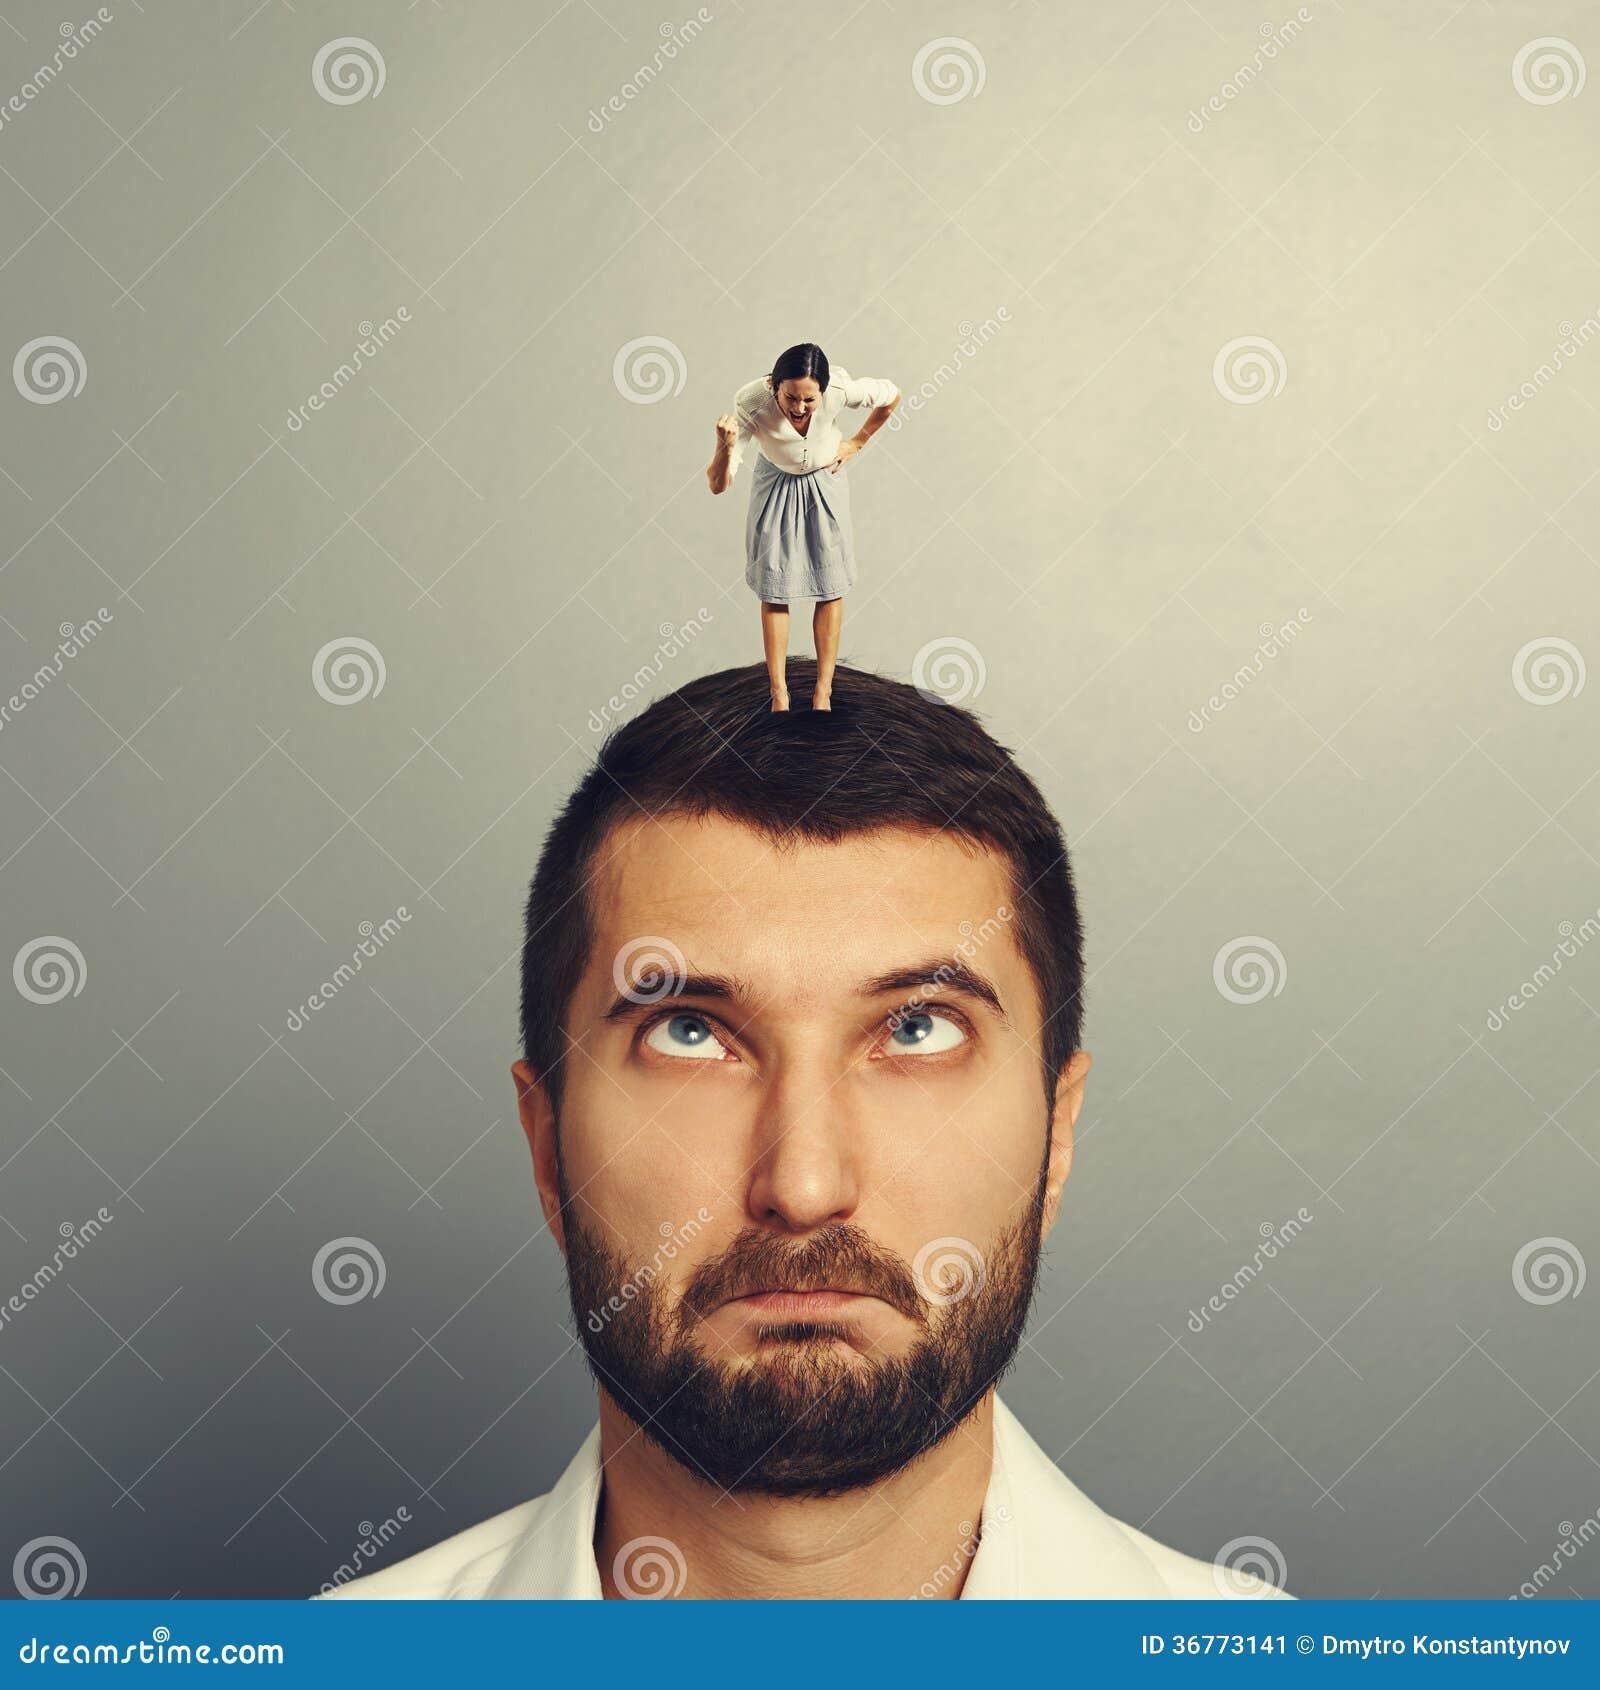 angry woman at man - photo #37